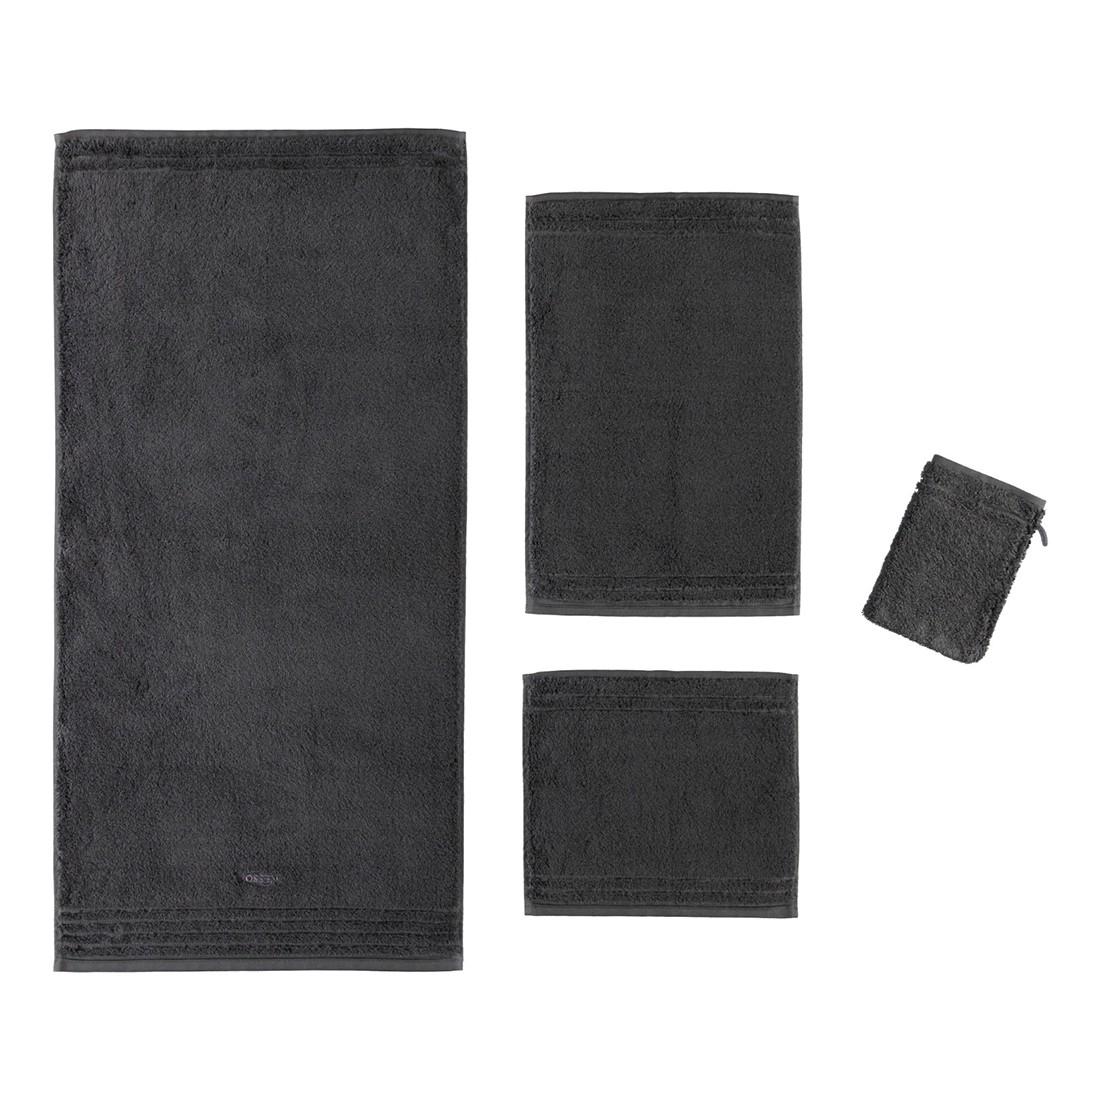 Handtuch Vienna Style Supersoft – 100% Baumwolle – Anthrazit – 770 – Gästetuch: 30 x 50 cm, Vossen kaufen